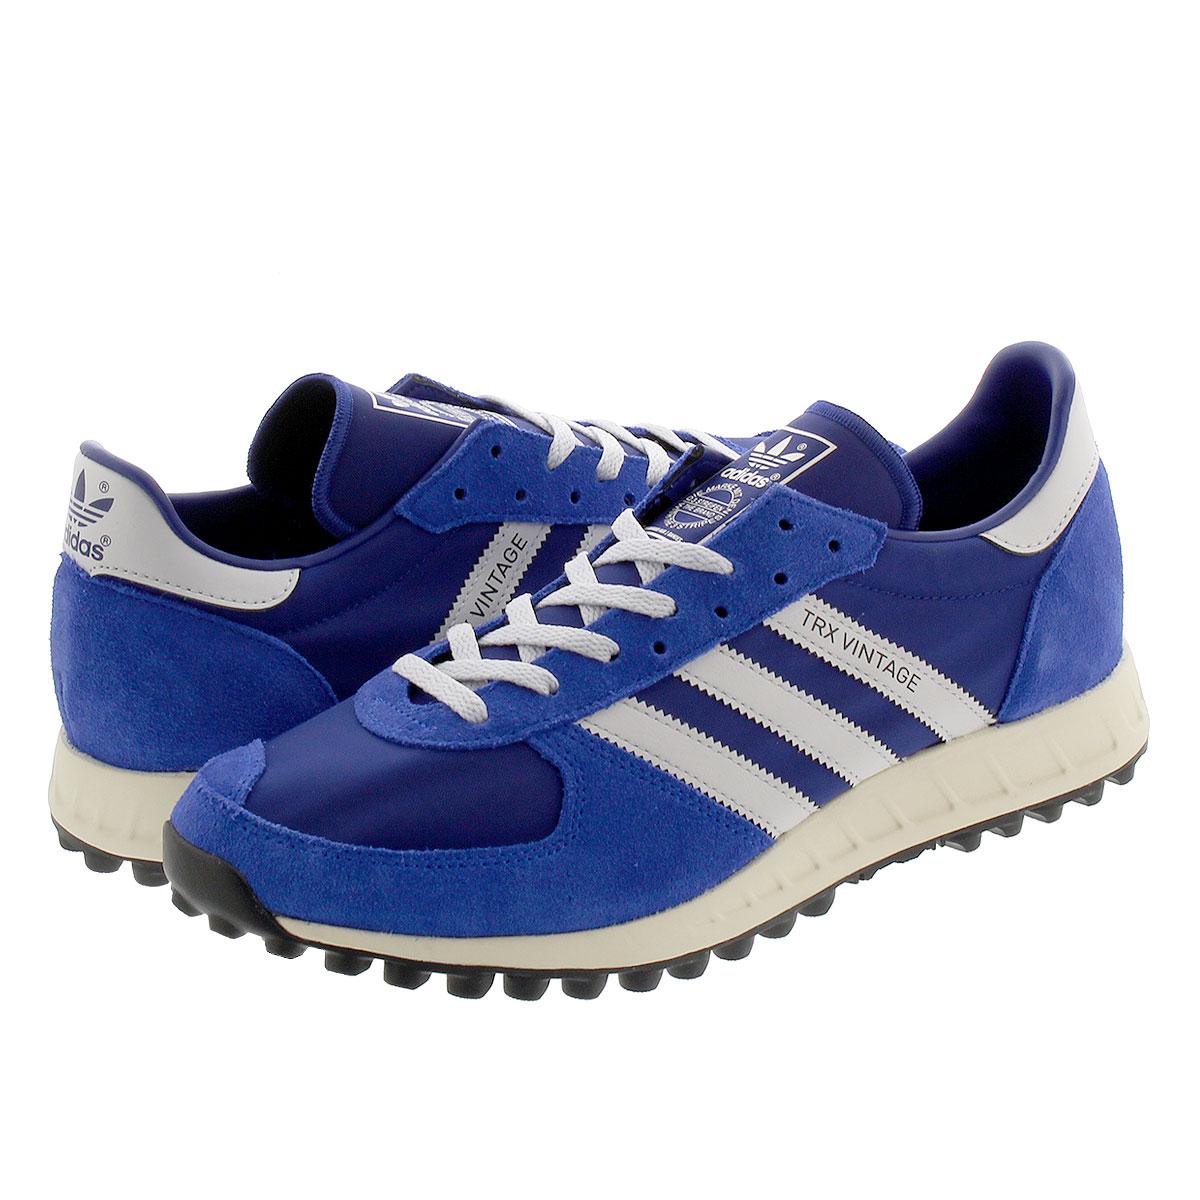 メンズ靴, スニーカー adidas TRX VINTAGE TRX CORE WHITECLEAR GREYMATTE GOLD fy3651